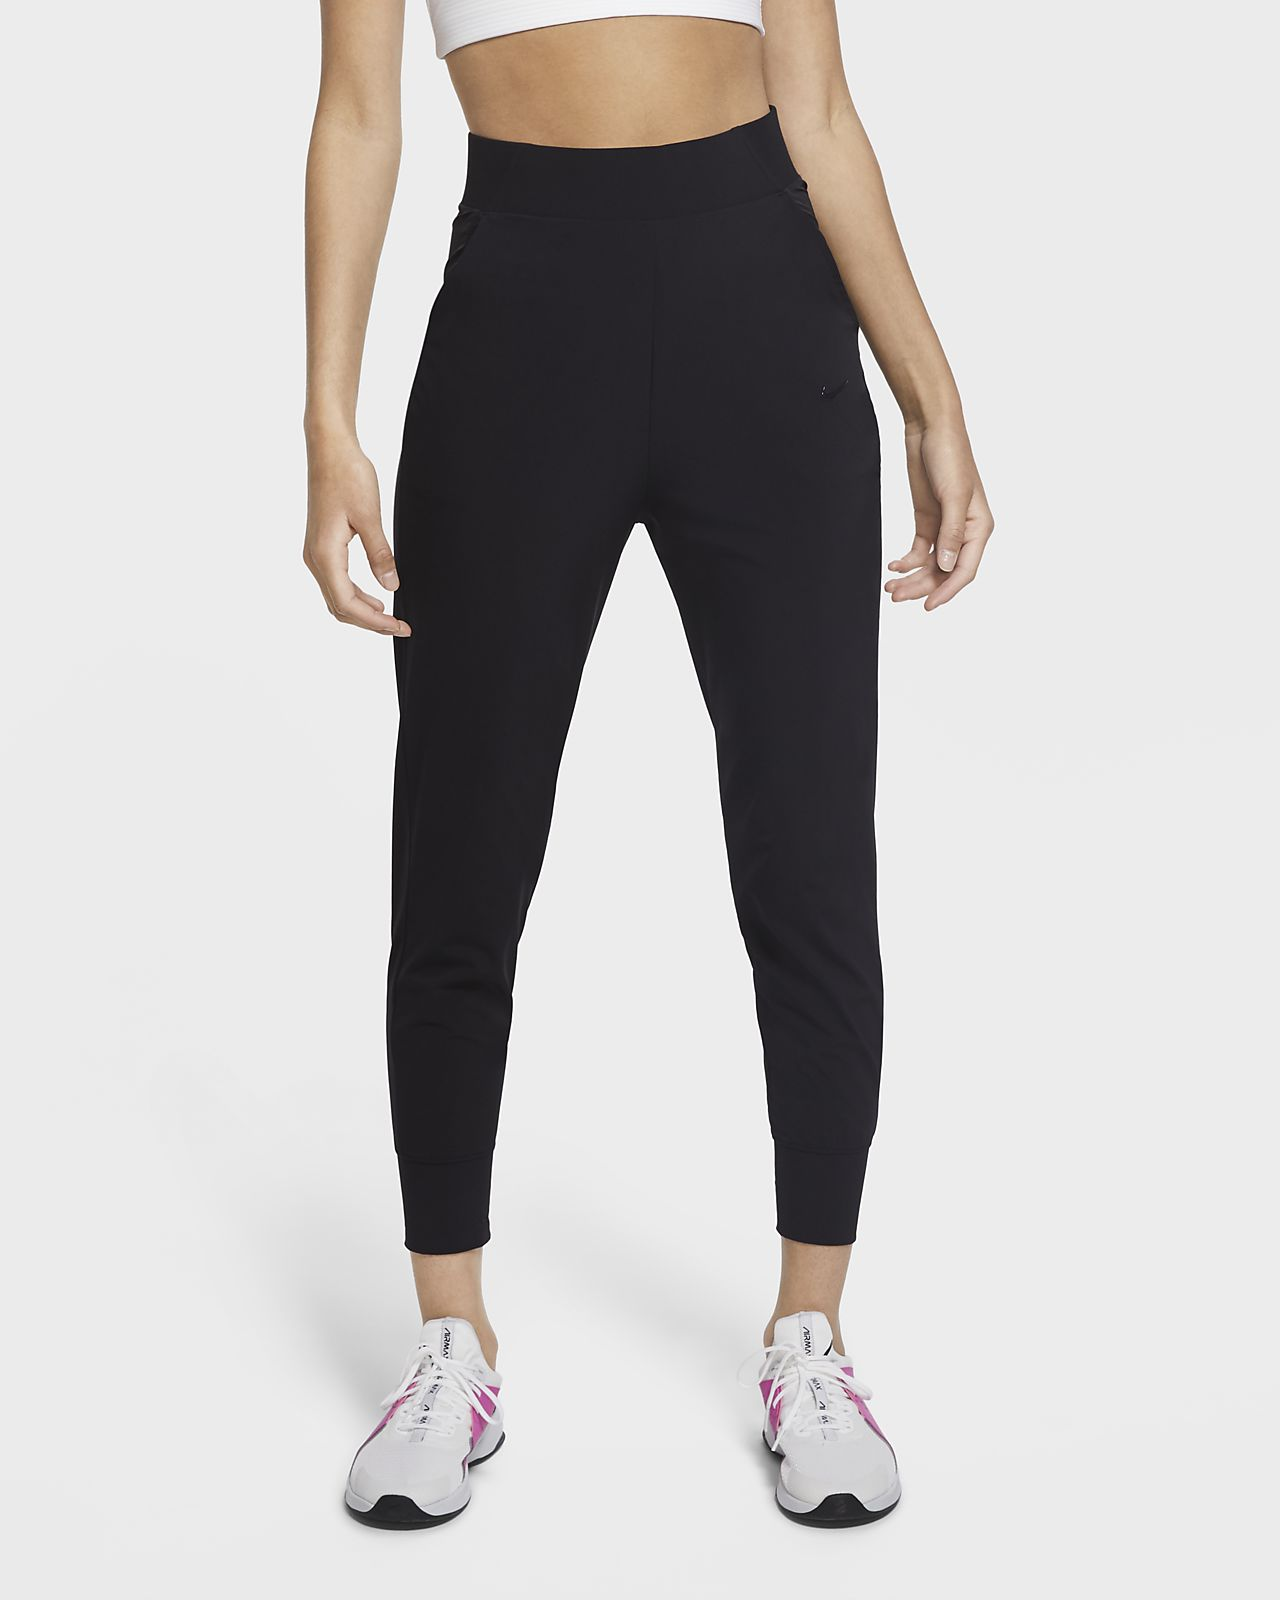 Nike Bliss Luxe Trainingsbroek voor dames